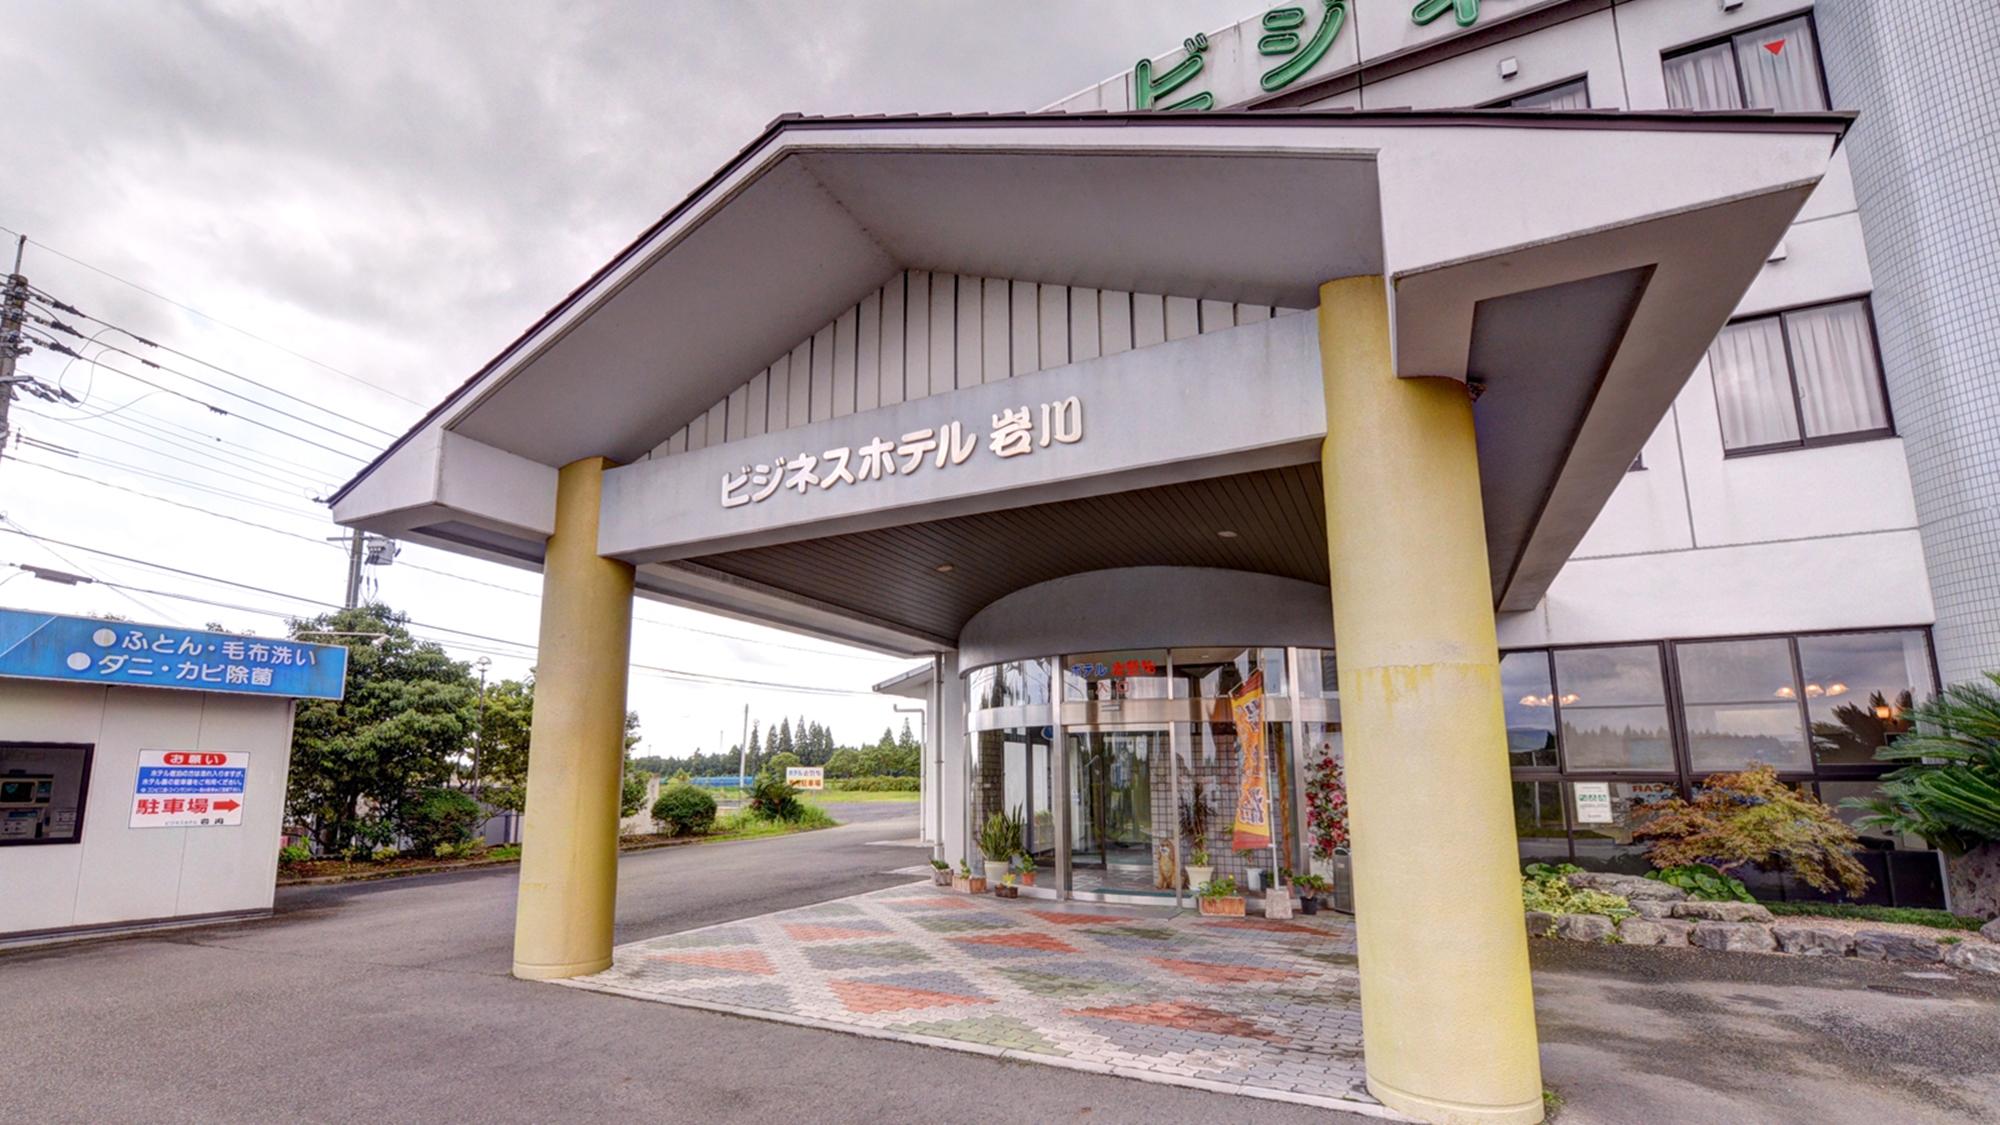 ビジネスホテル 岩川